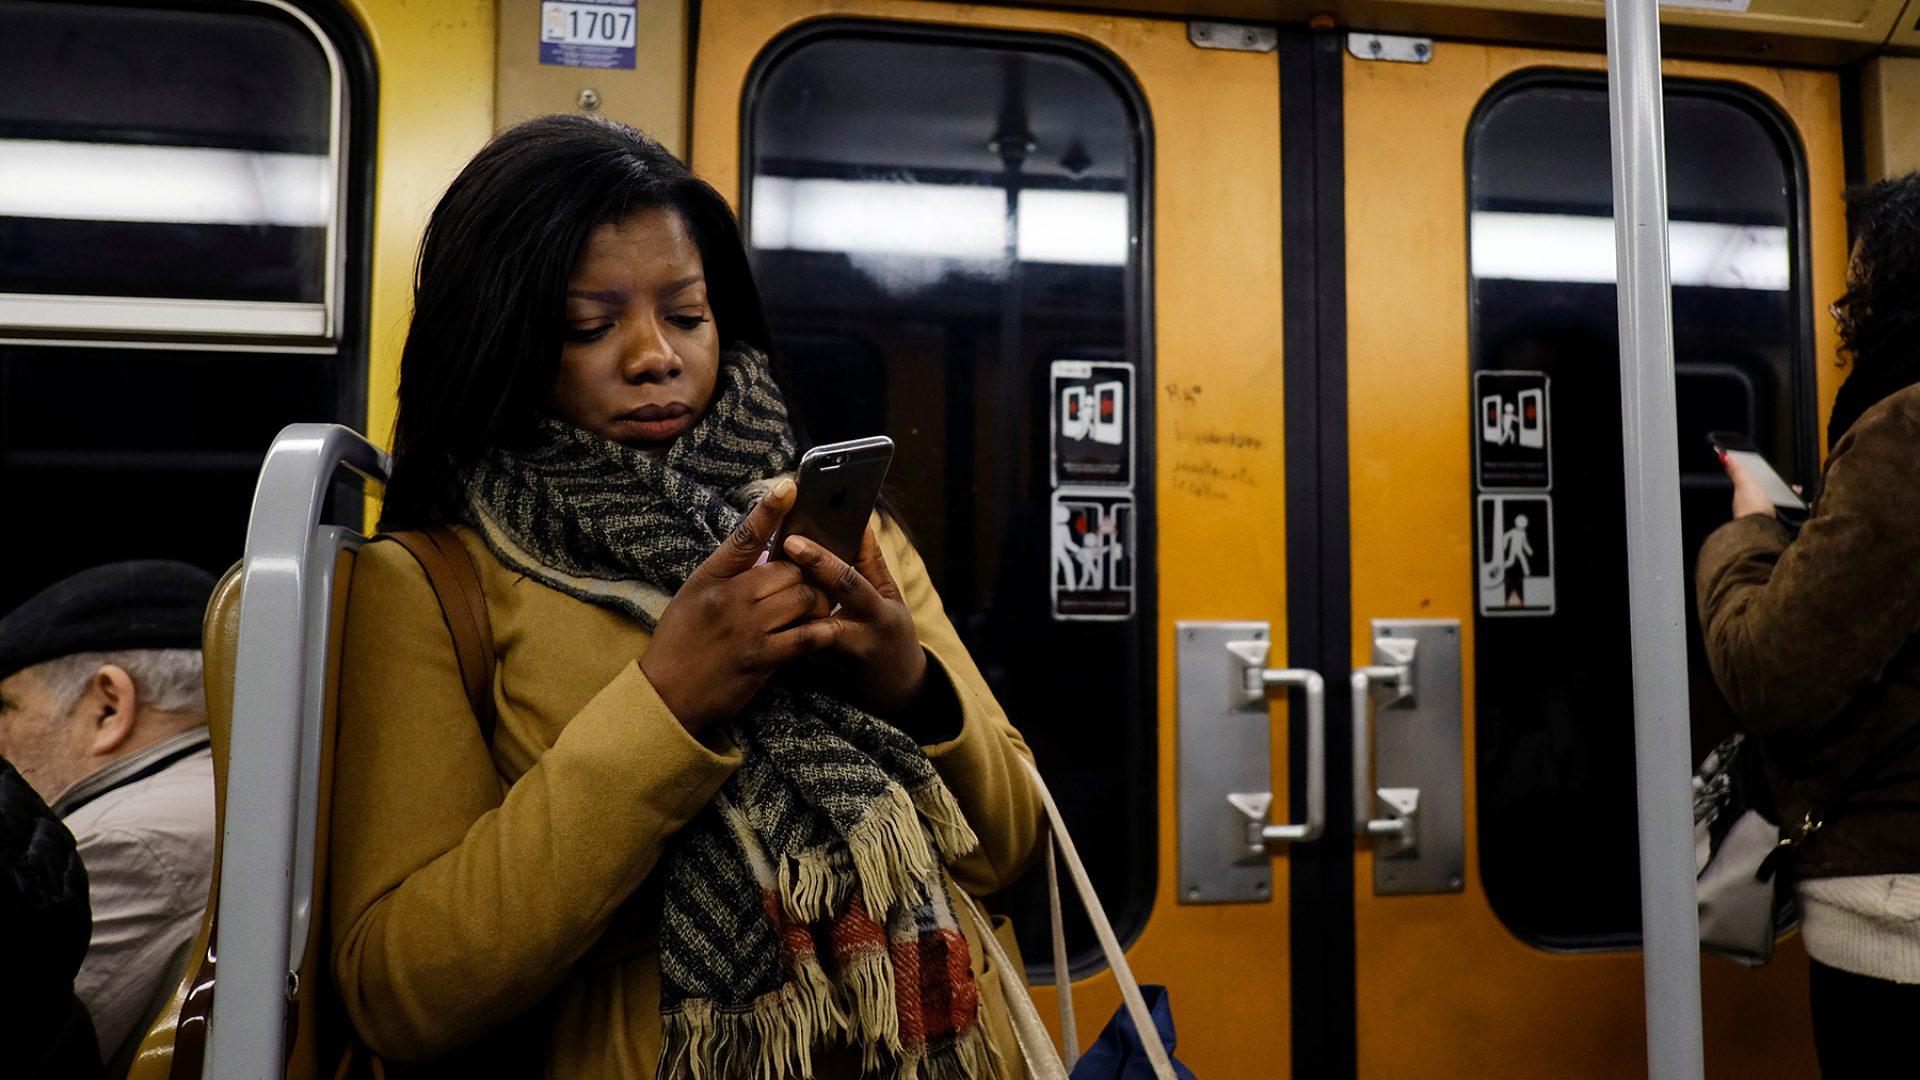 Mobile banking Belgium